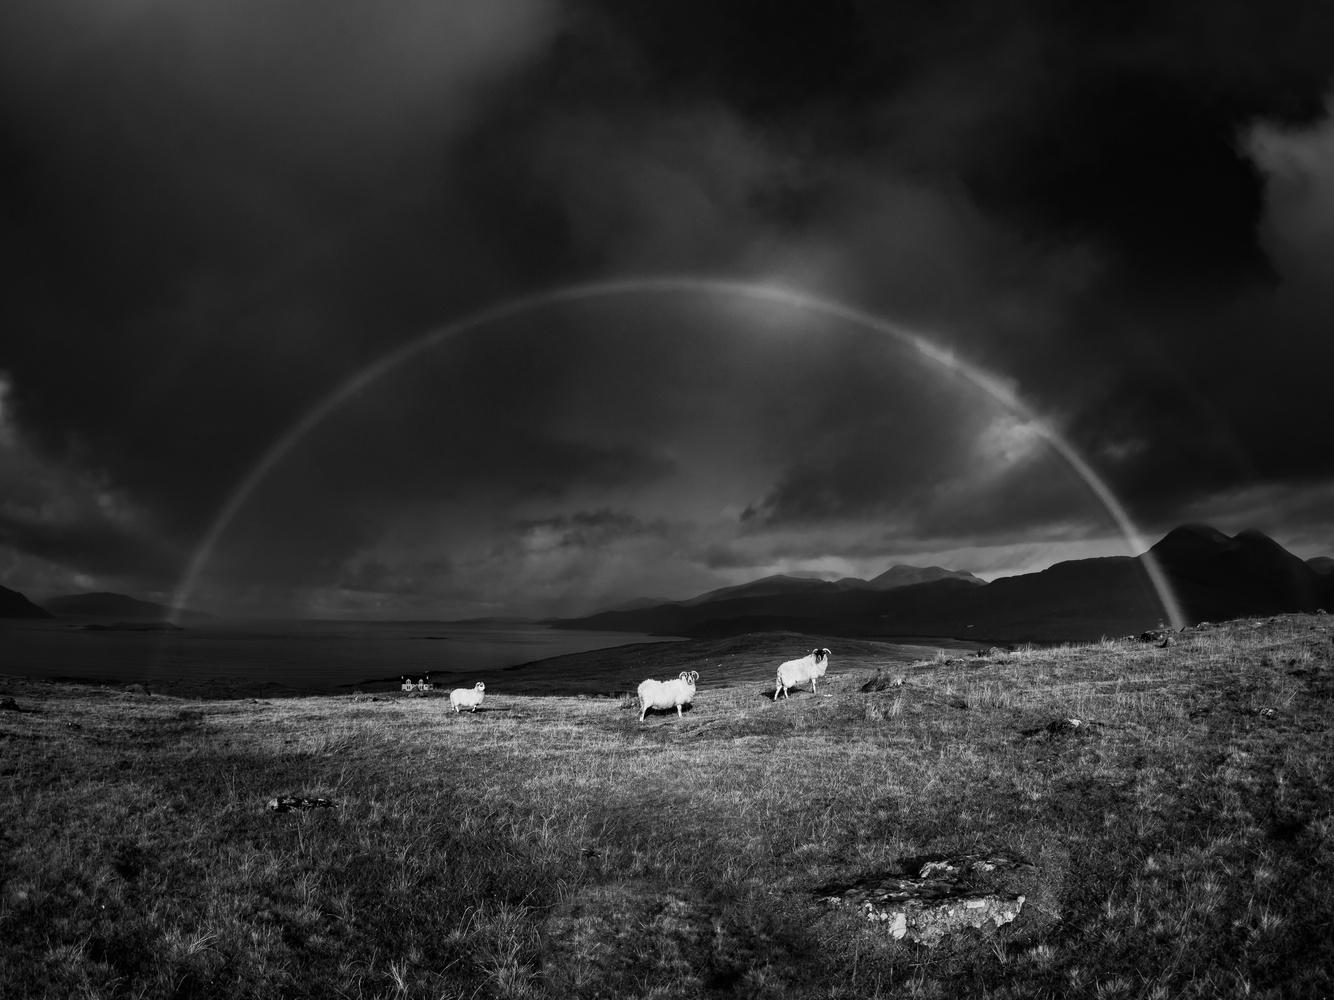 Rainbow by Tomasz Kowalski